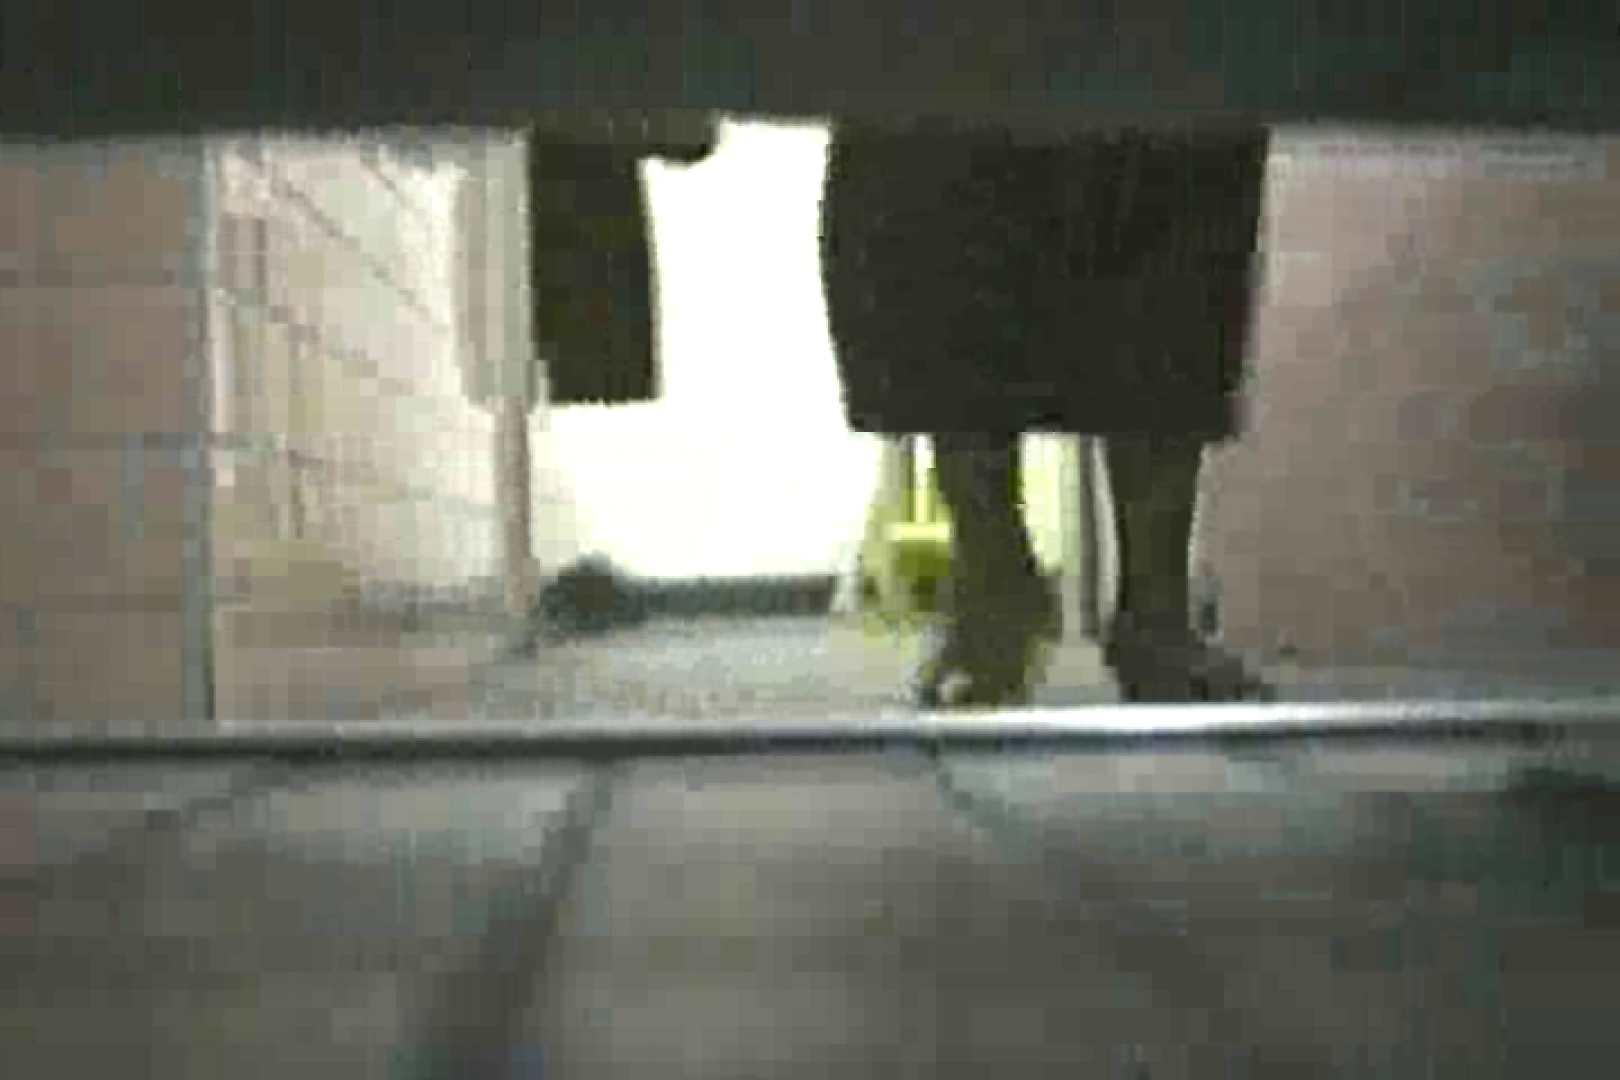 プロには撮れない女子洗面所の内部 TK-70 独占盗撮 ぱこり動画紹介 79連発 47